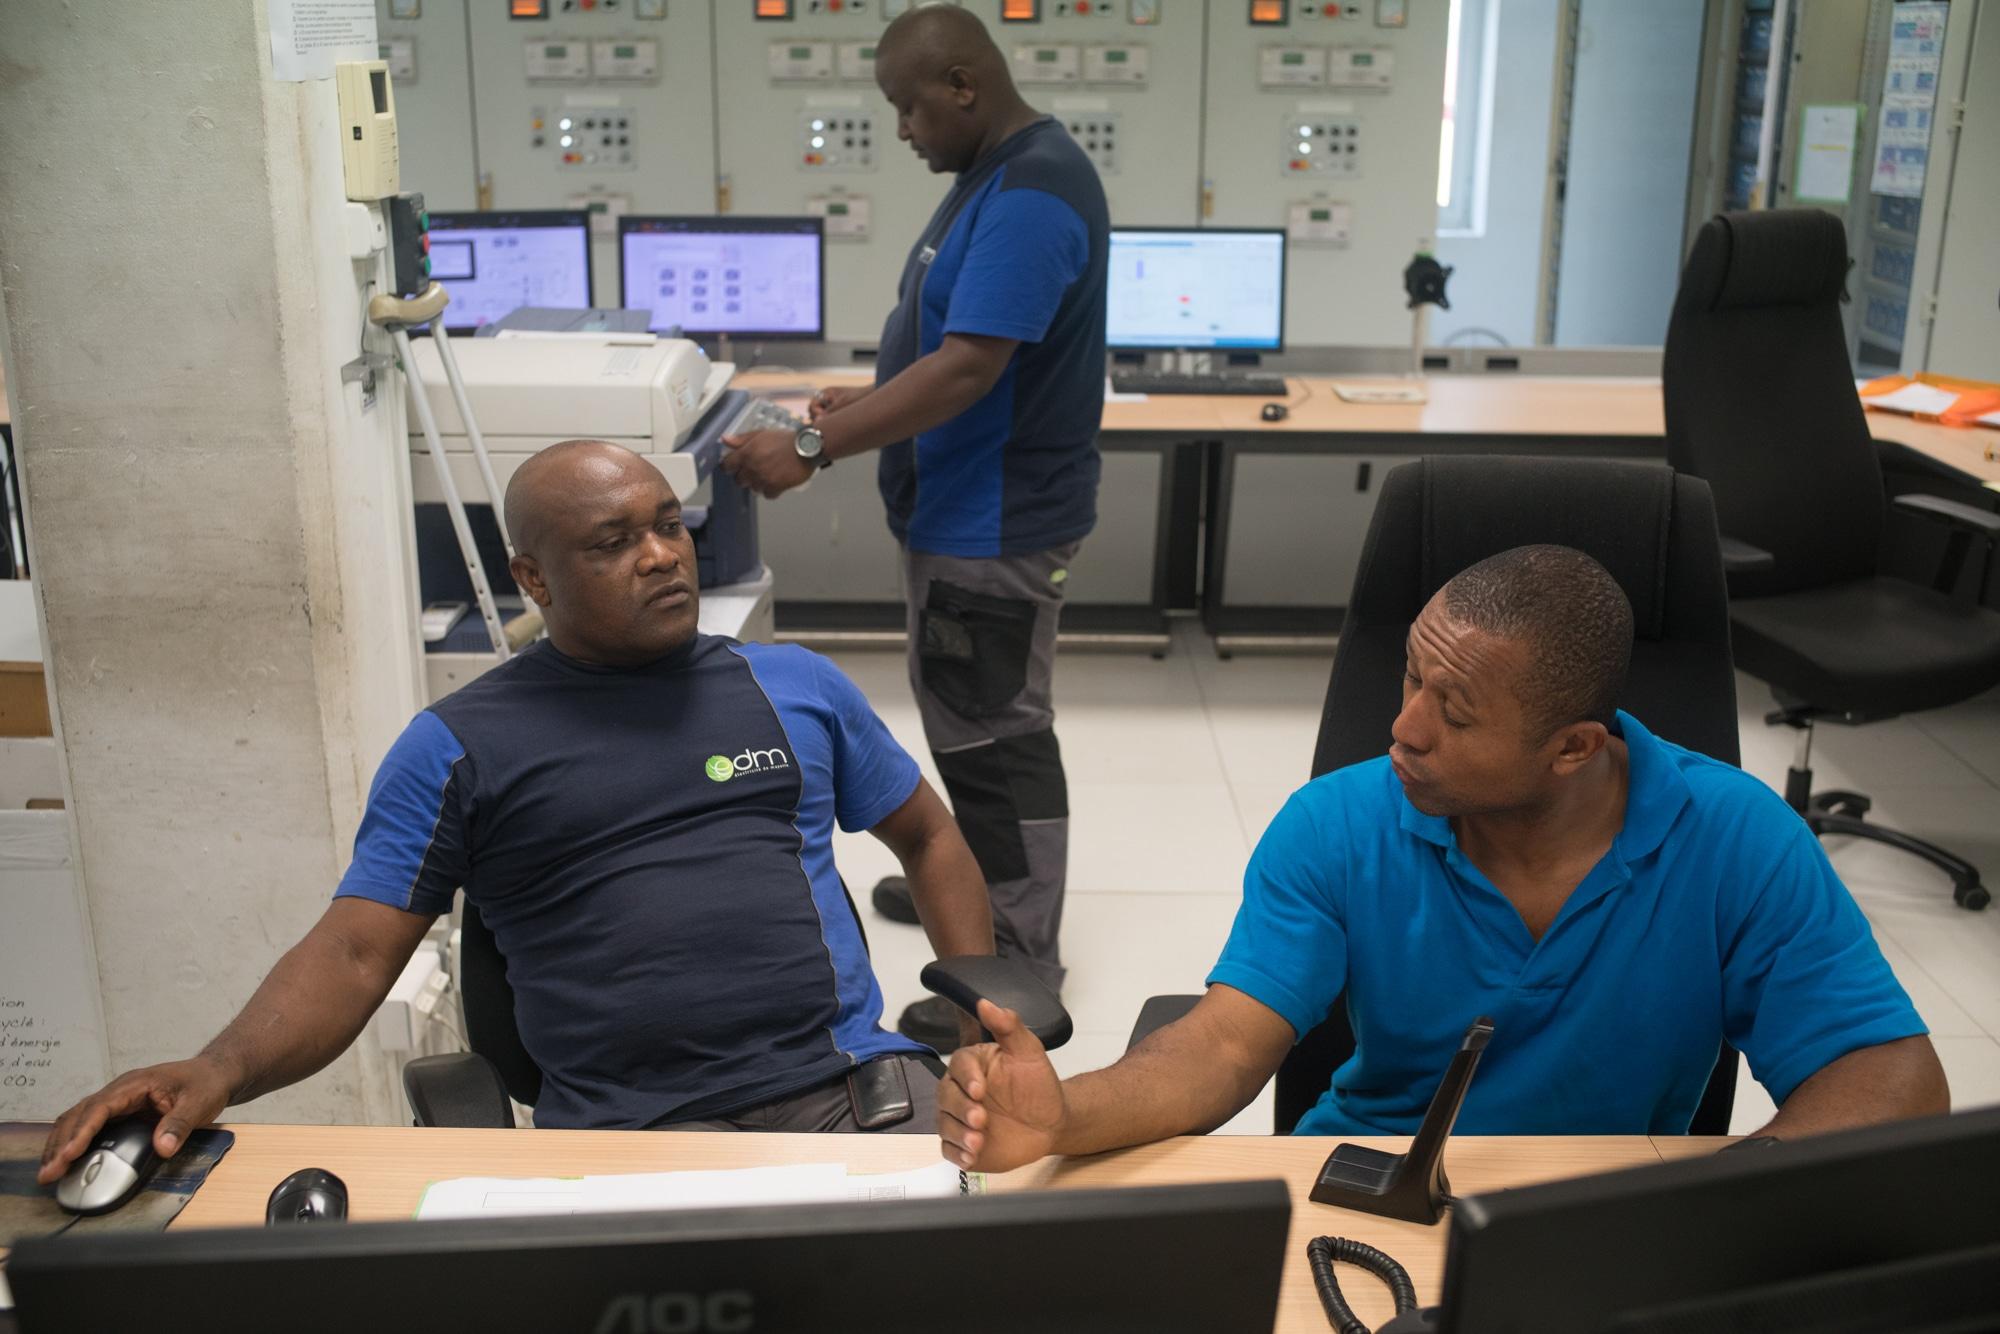 Soihibou, à son bureau, discute avec un collègue. Au deuxième plan une personne fait des photocopies.